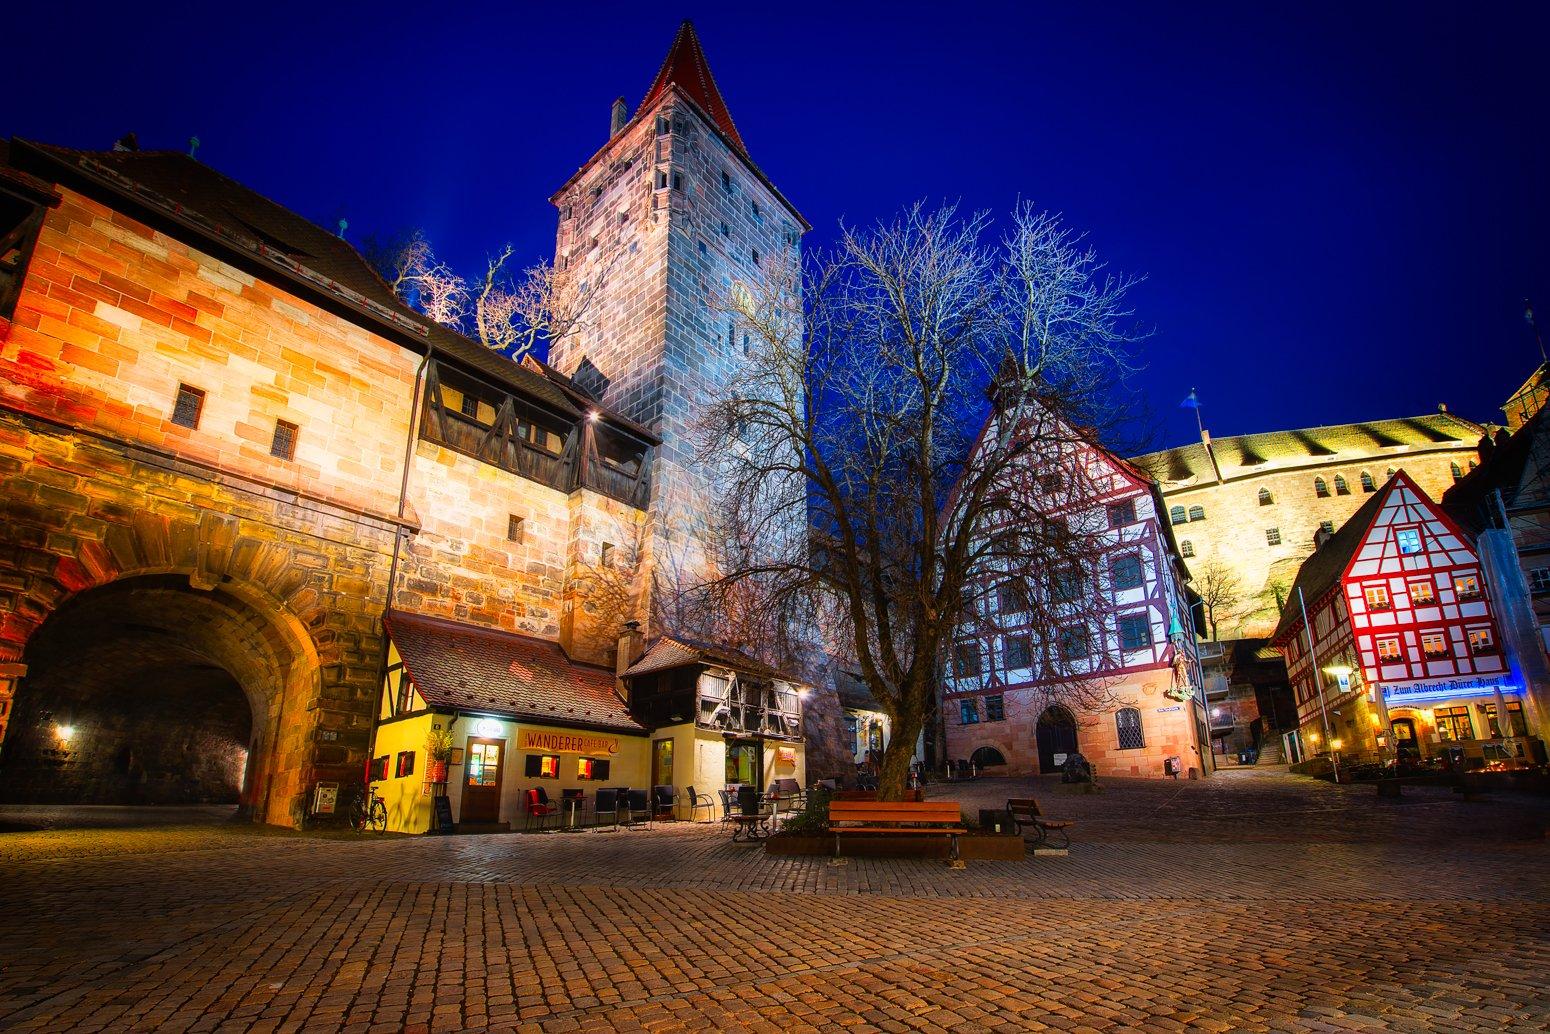 Oude stad van Neurenberg, Duitsland met Neurenbergse burcht bij nacht